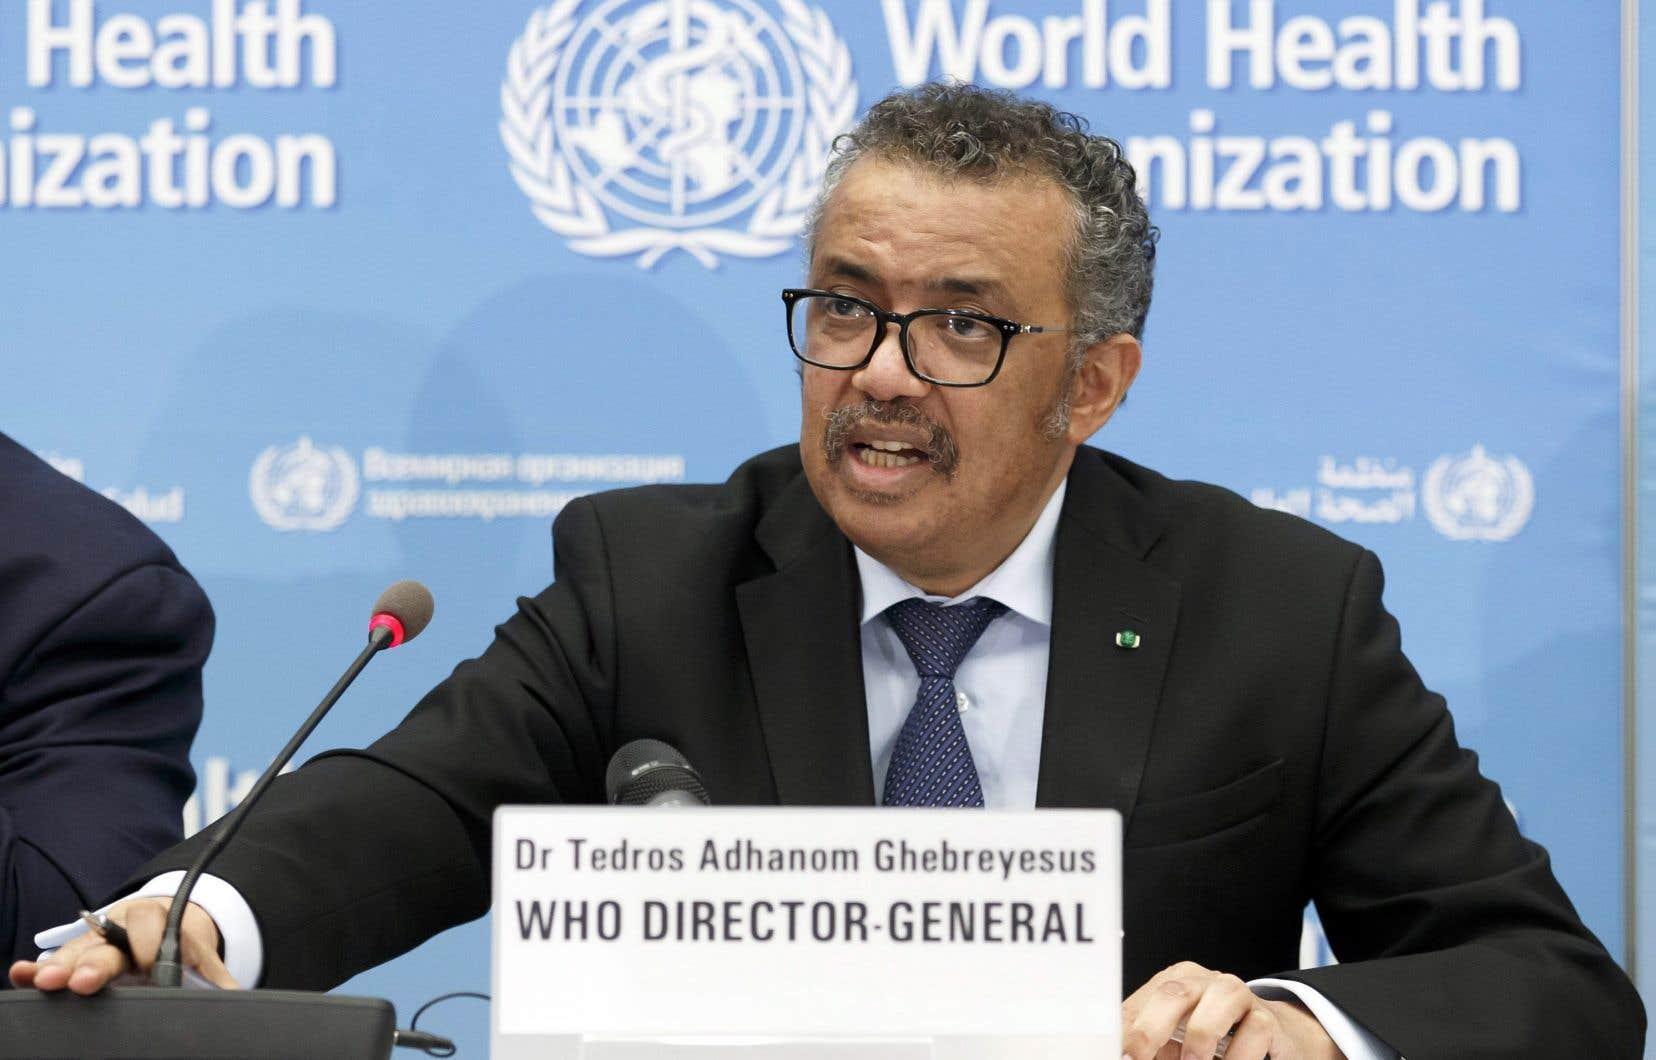 «Ce genre de propos racistes ne font rien avancer. Ils vont contre l'esprit de solidarité. L'Afrique ne peut pas être et ne sera un terrain d'essai pour aucun vaccin», a lancé Tedros Adhanom Ghebreyesus, directeur de l'OMS, au cours d'une conférence de presse depuis Genève.